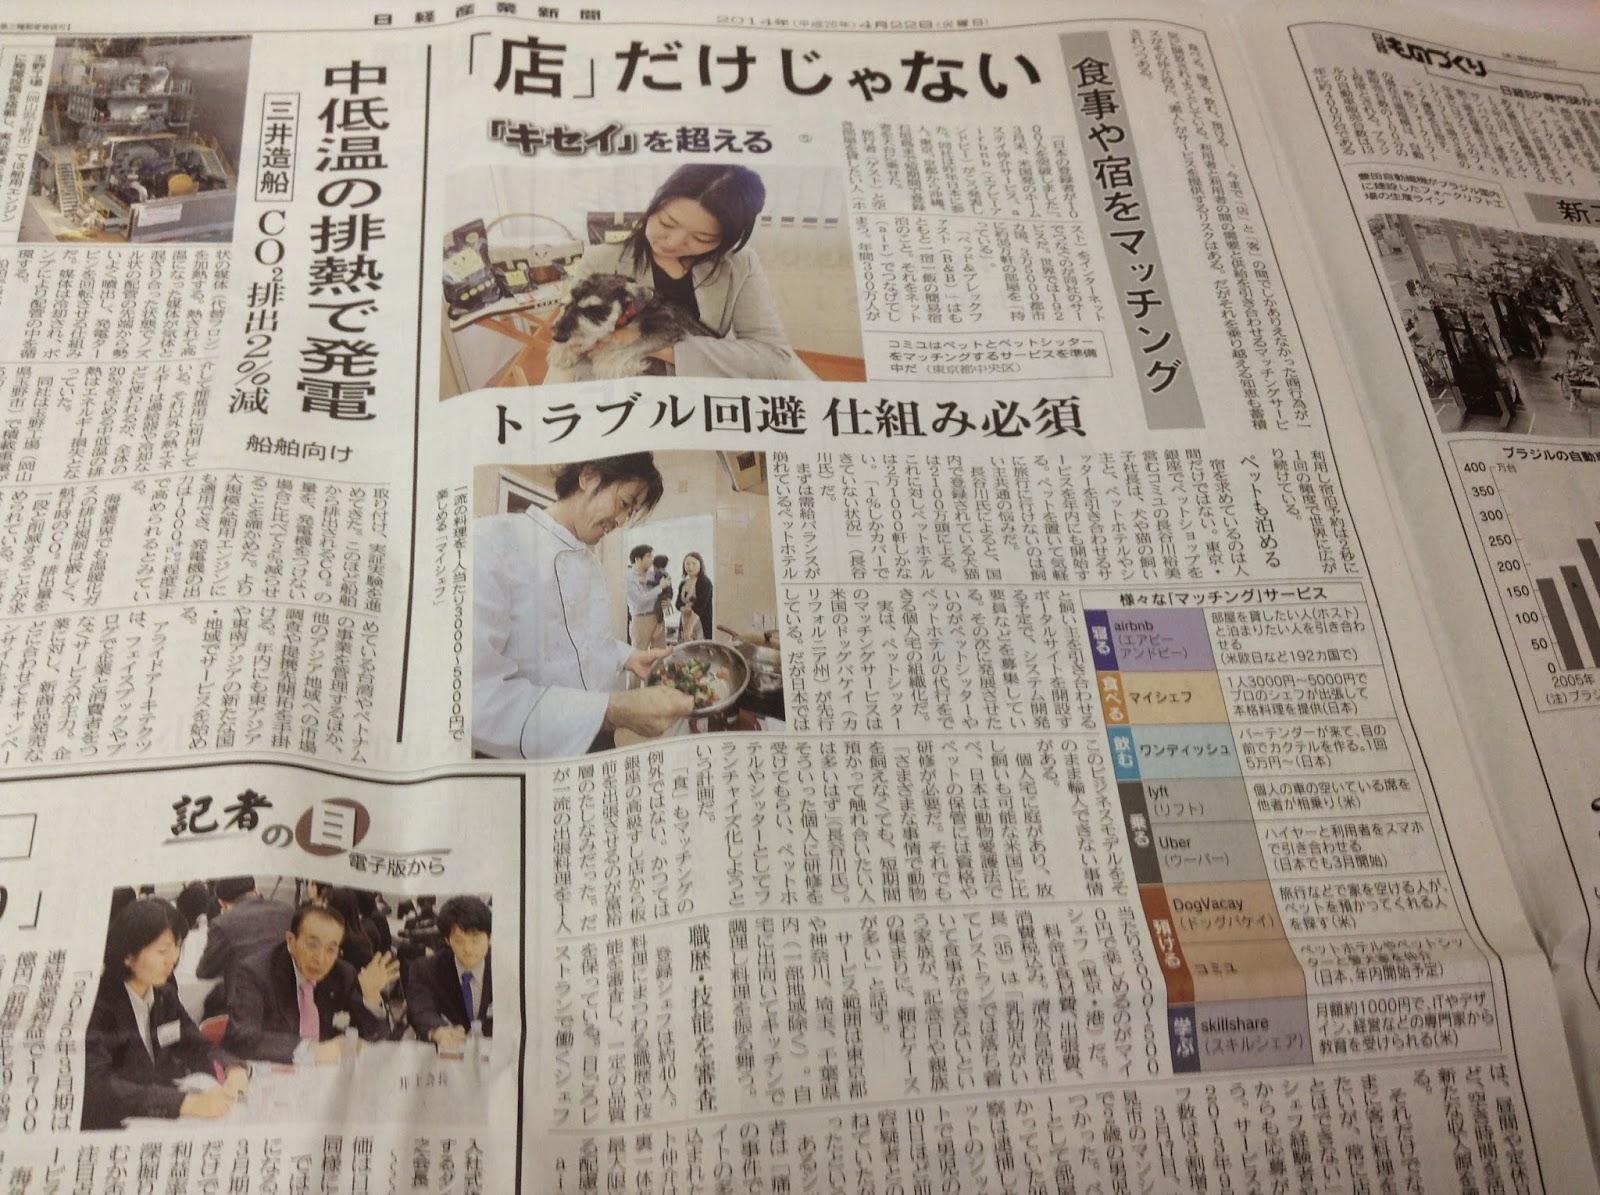 日経産業新聞さんの 「キセイ」を超える:食事や宿をマッチング